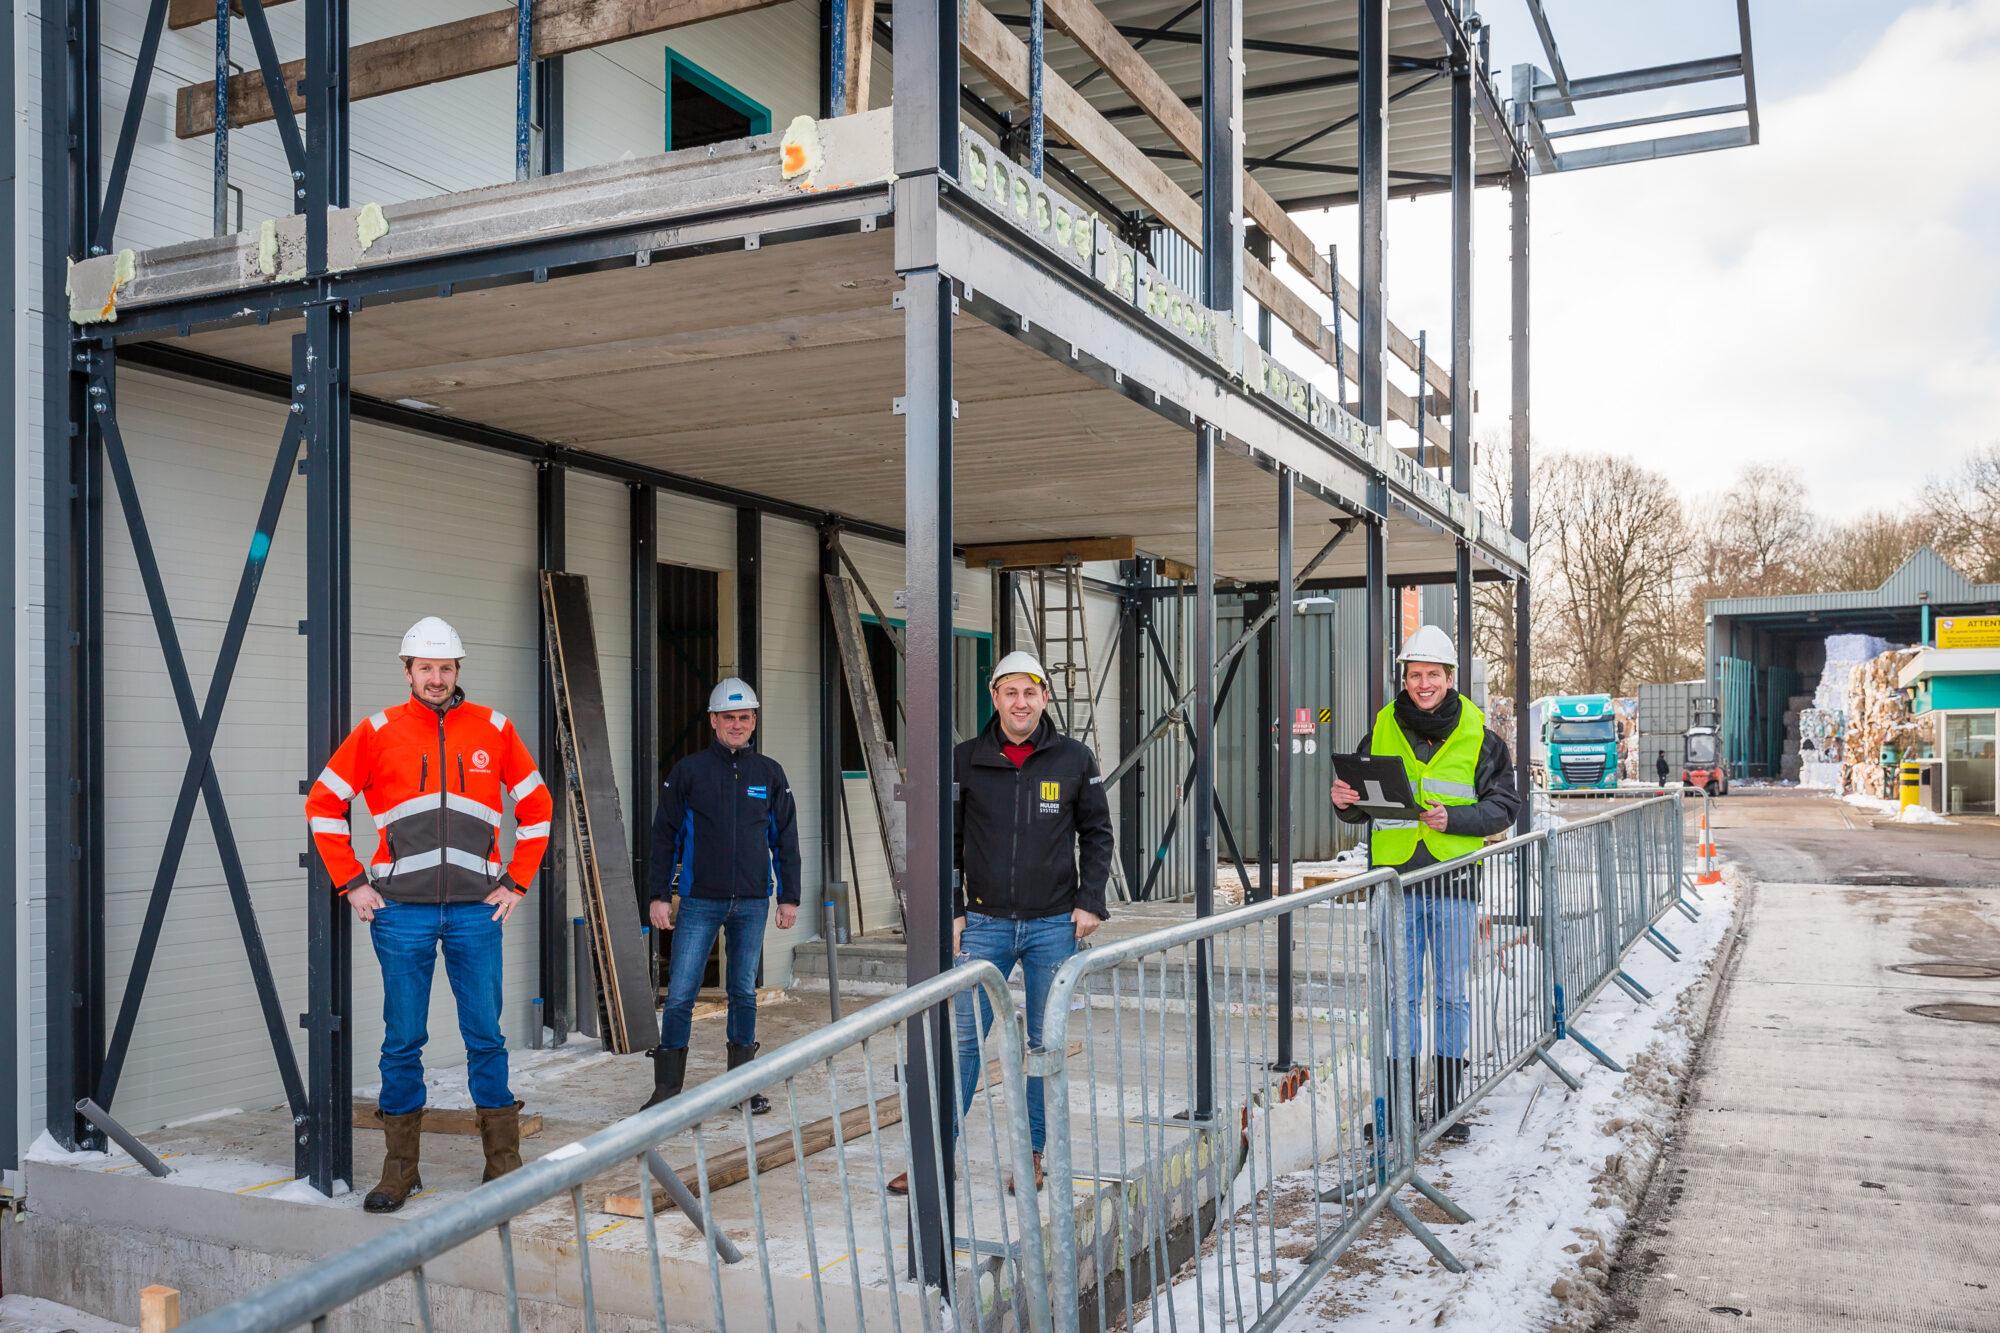 Apeldoornse familiebedrijven vormen bouwteam